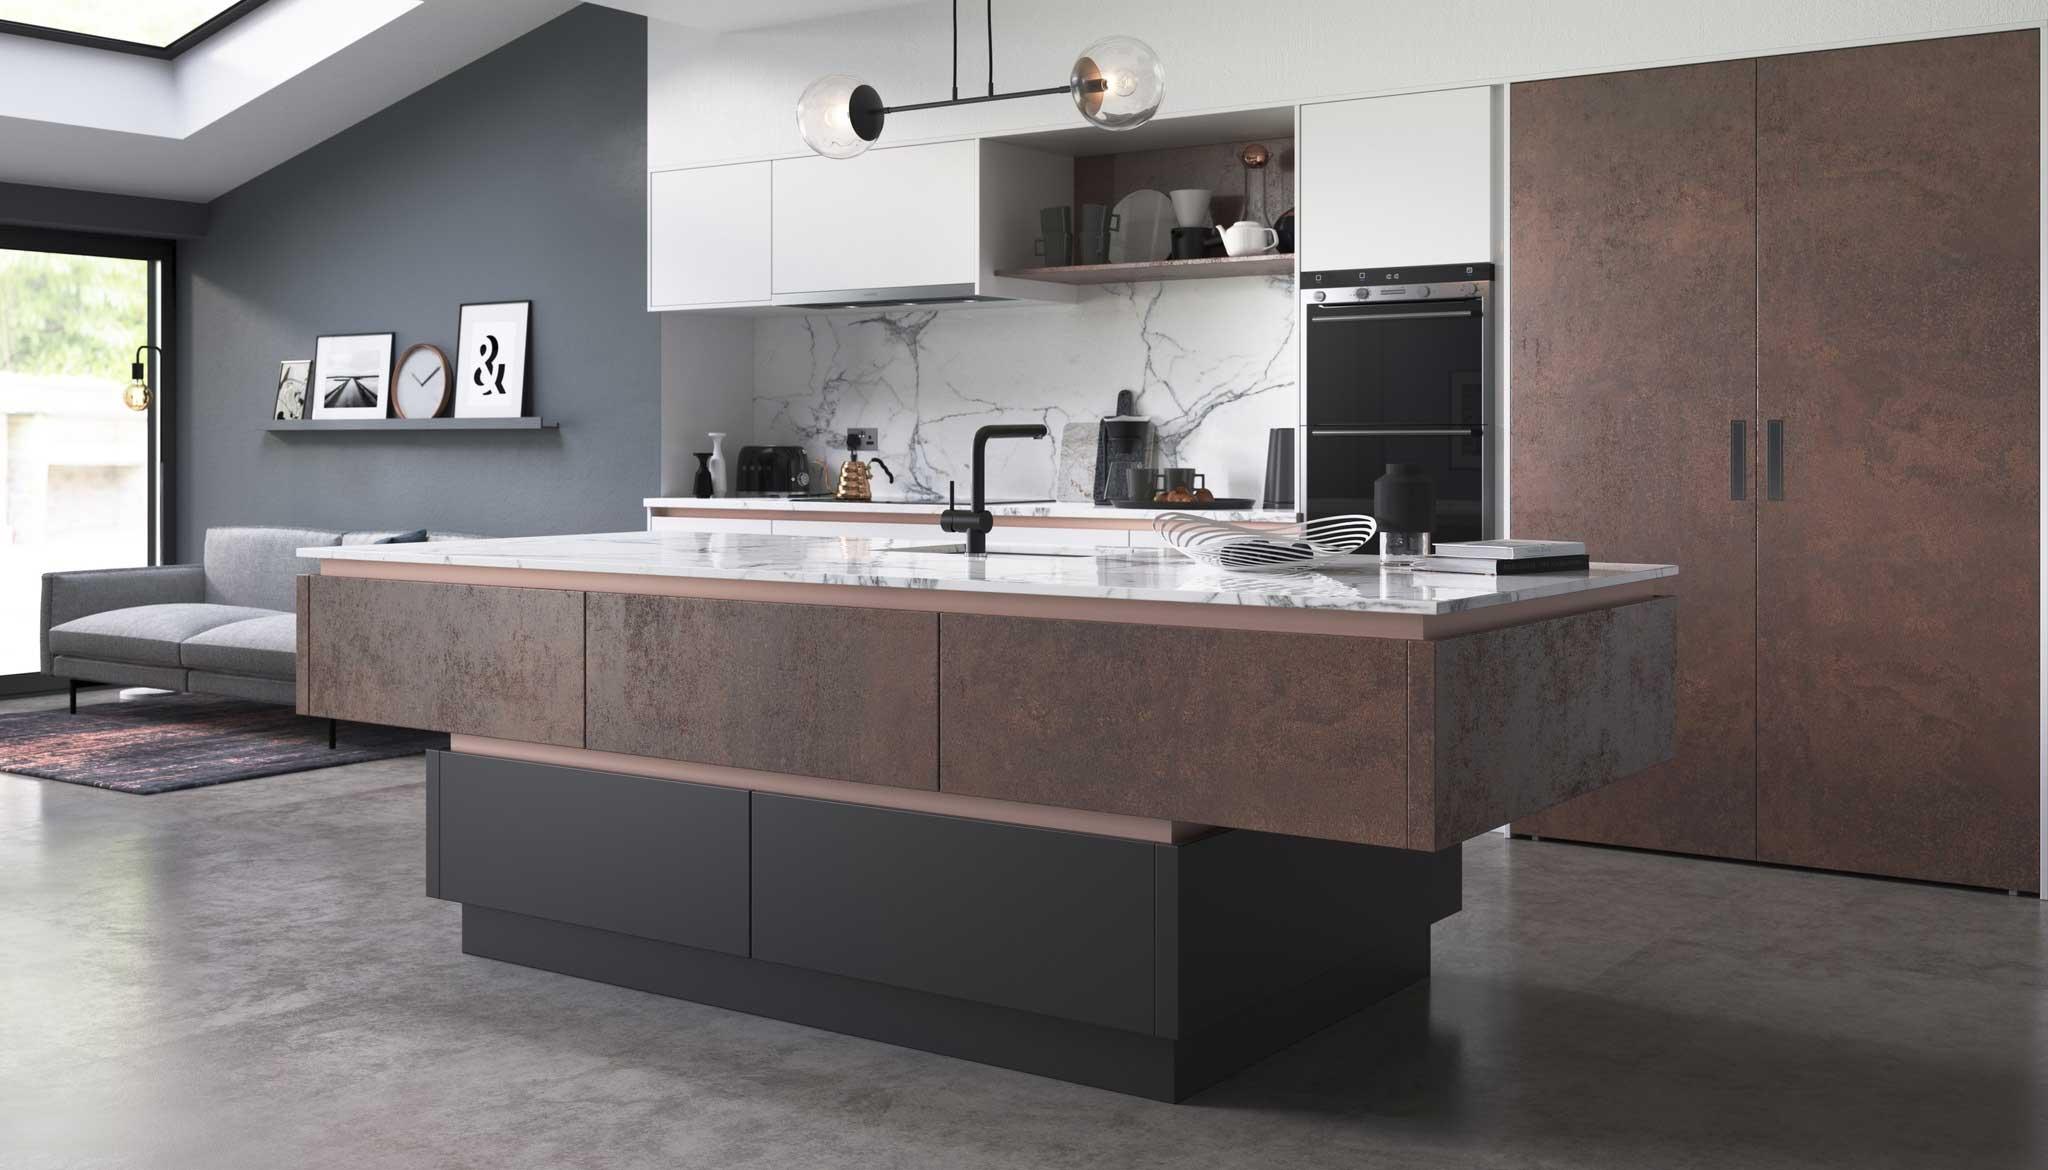 Futura-Oxidised-Amber,-White-Supermatt-&-Graphite-Supermatt-01